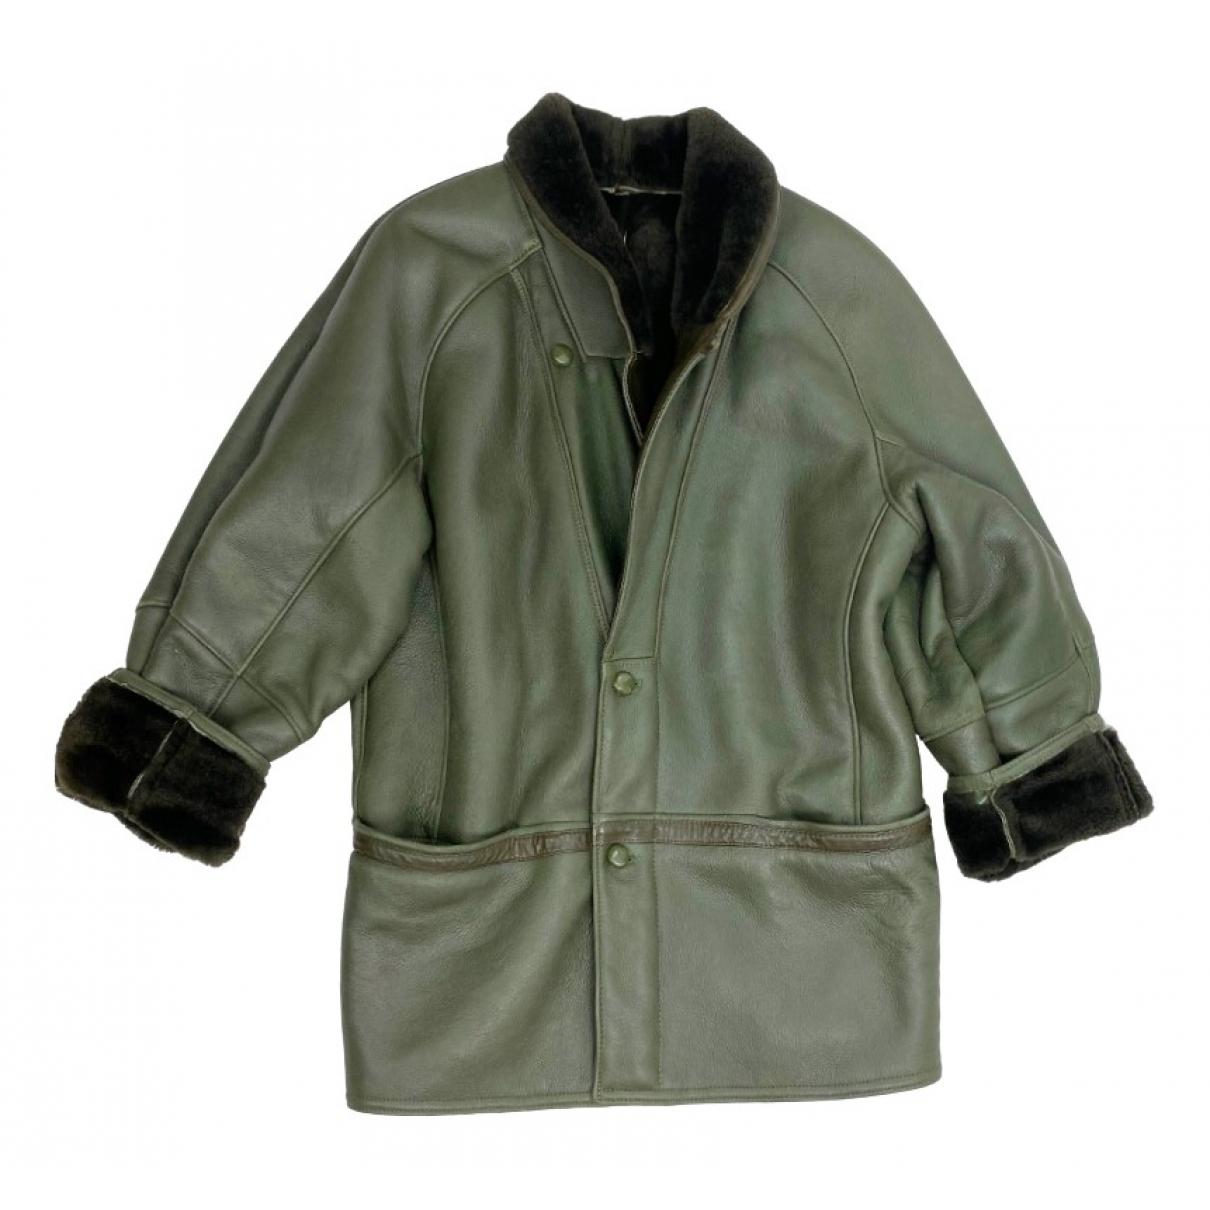 - Manteau Epaulettes pour femme en mouton - vert